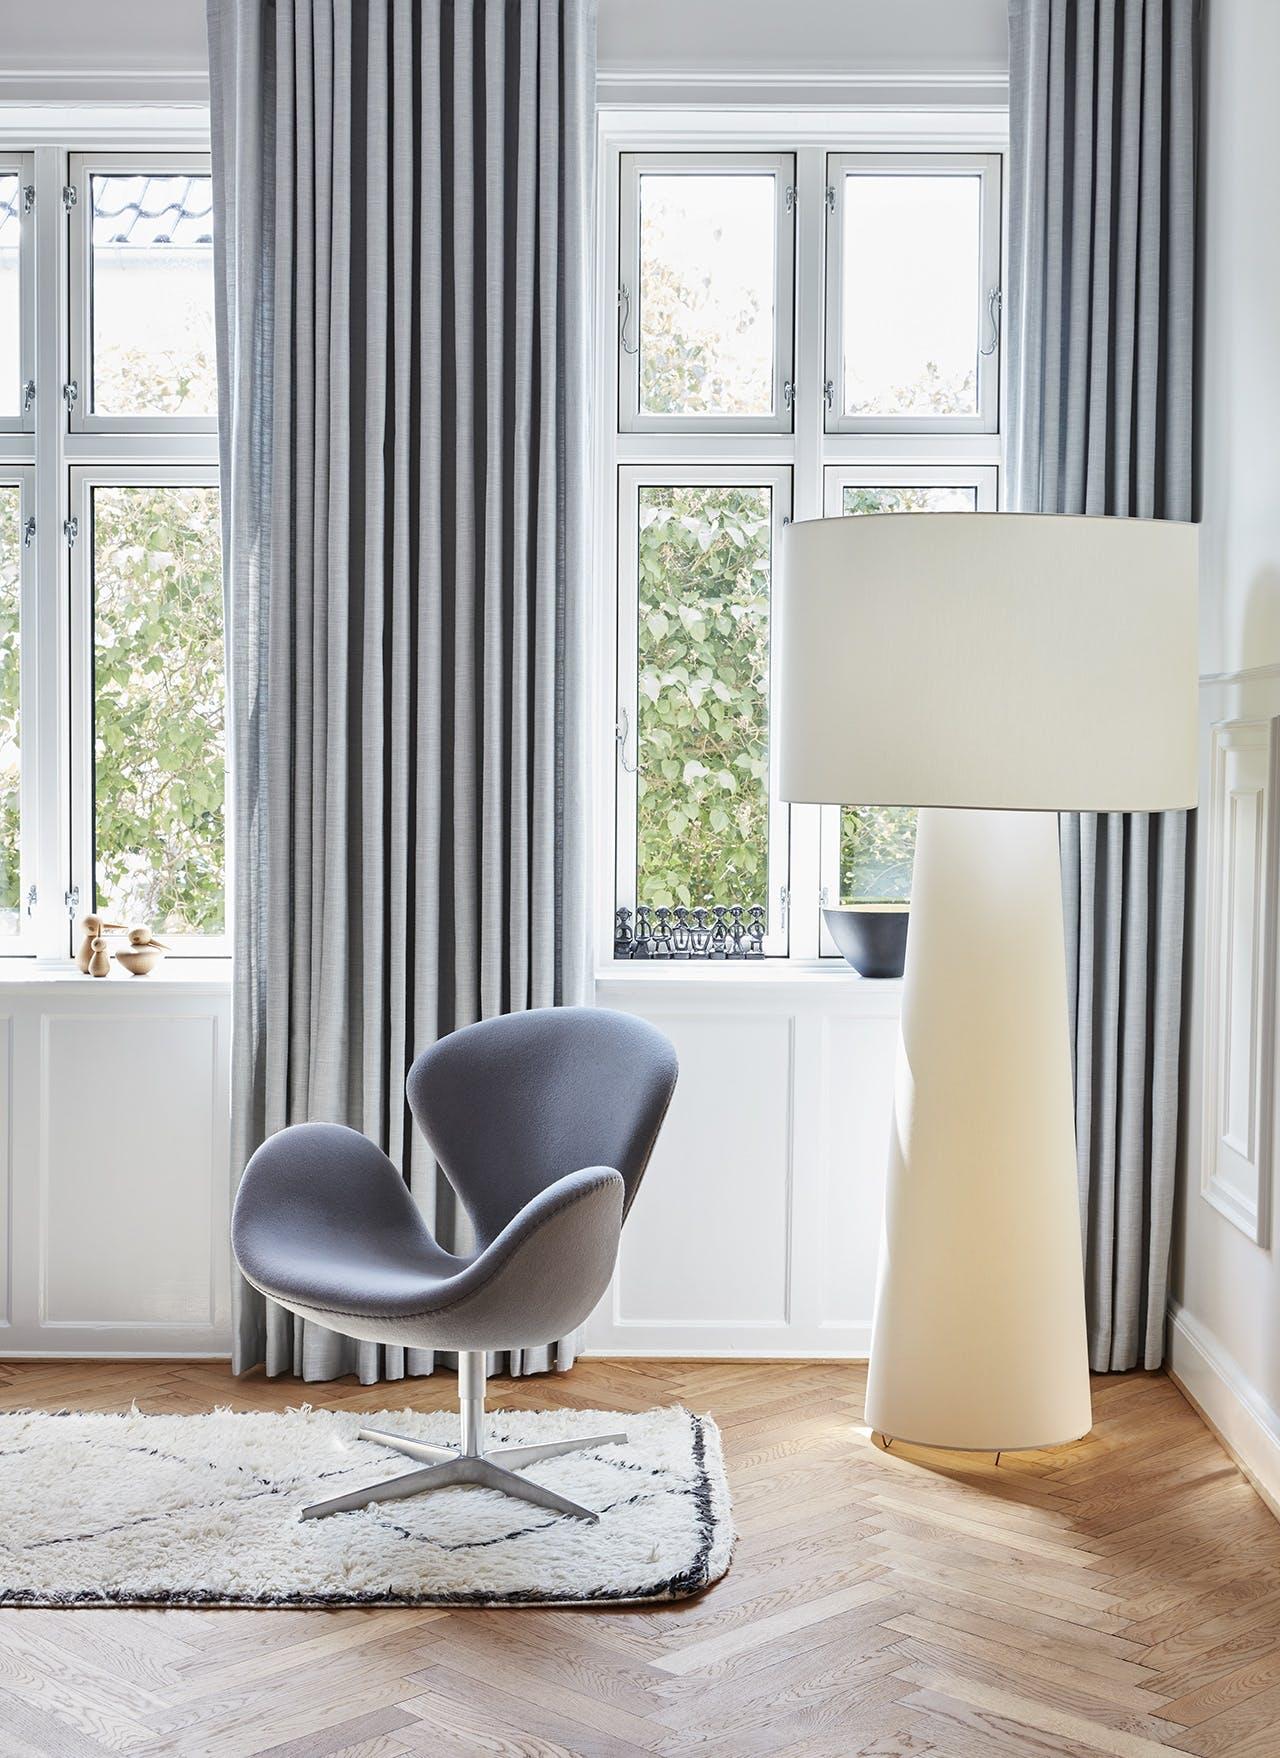 villa herskabsvilla indretning bolig stol